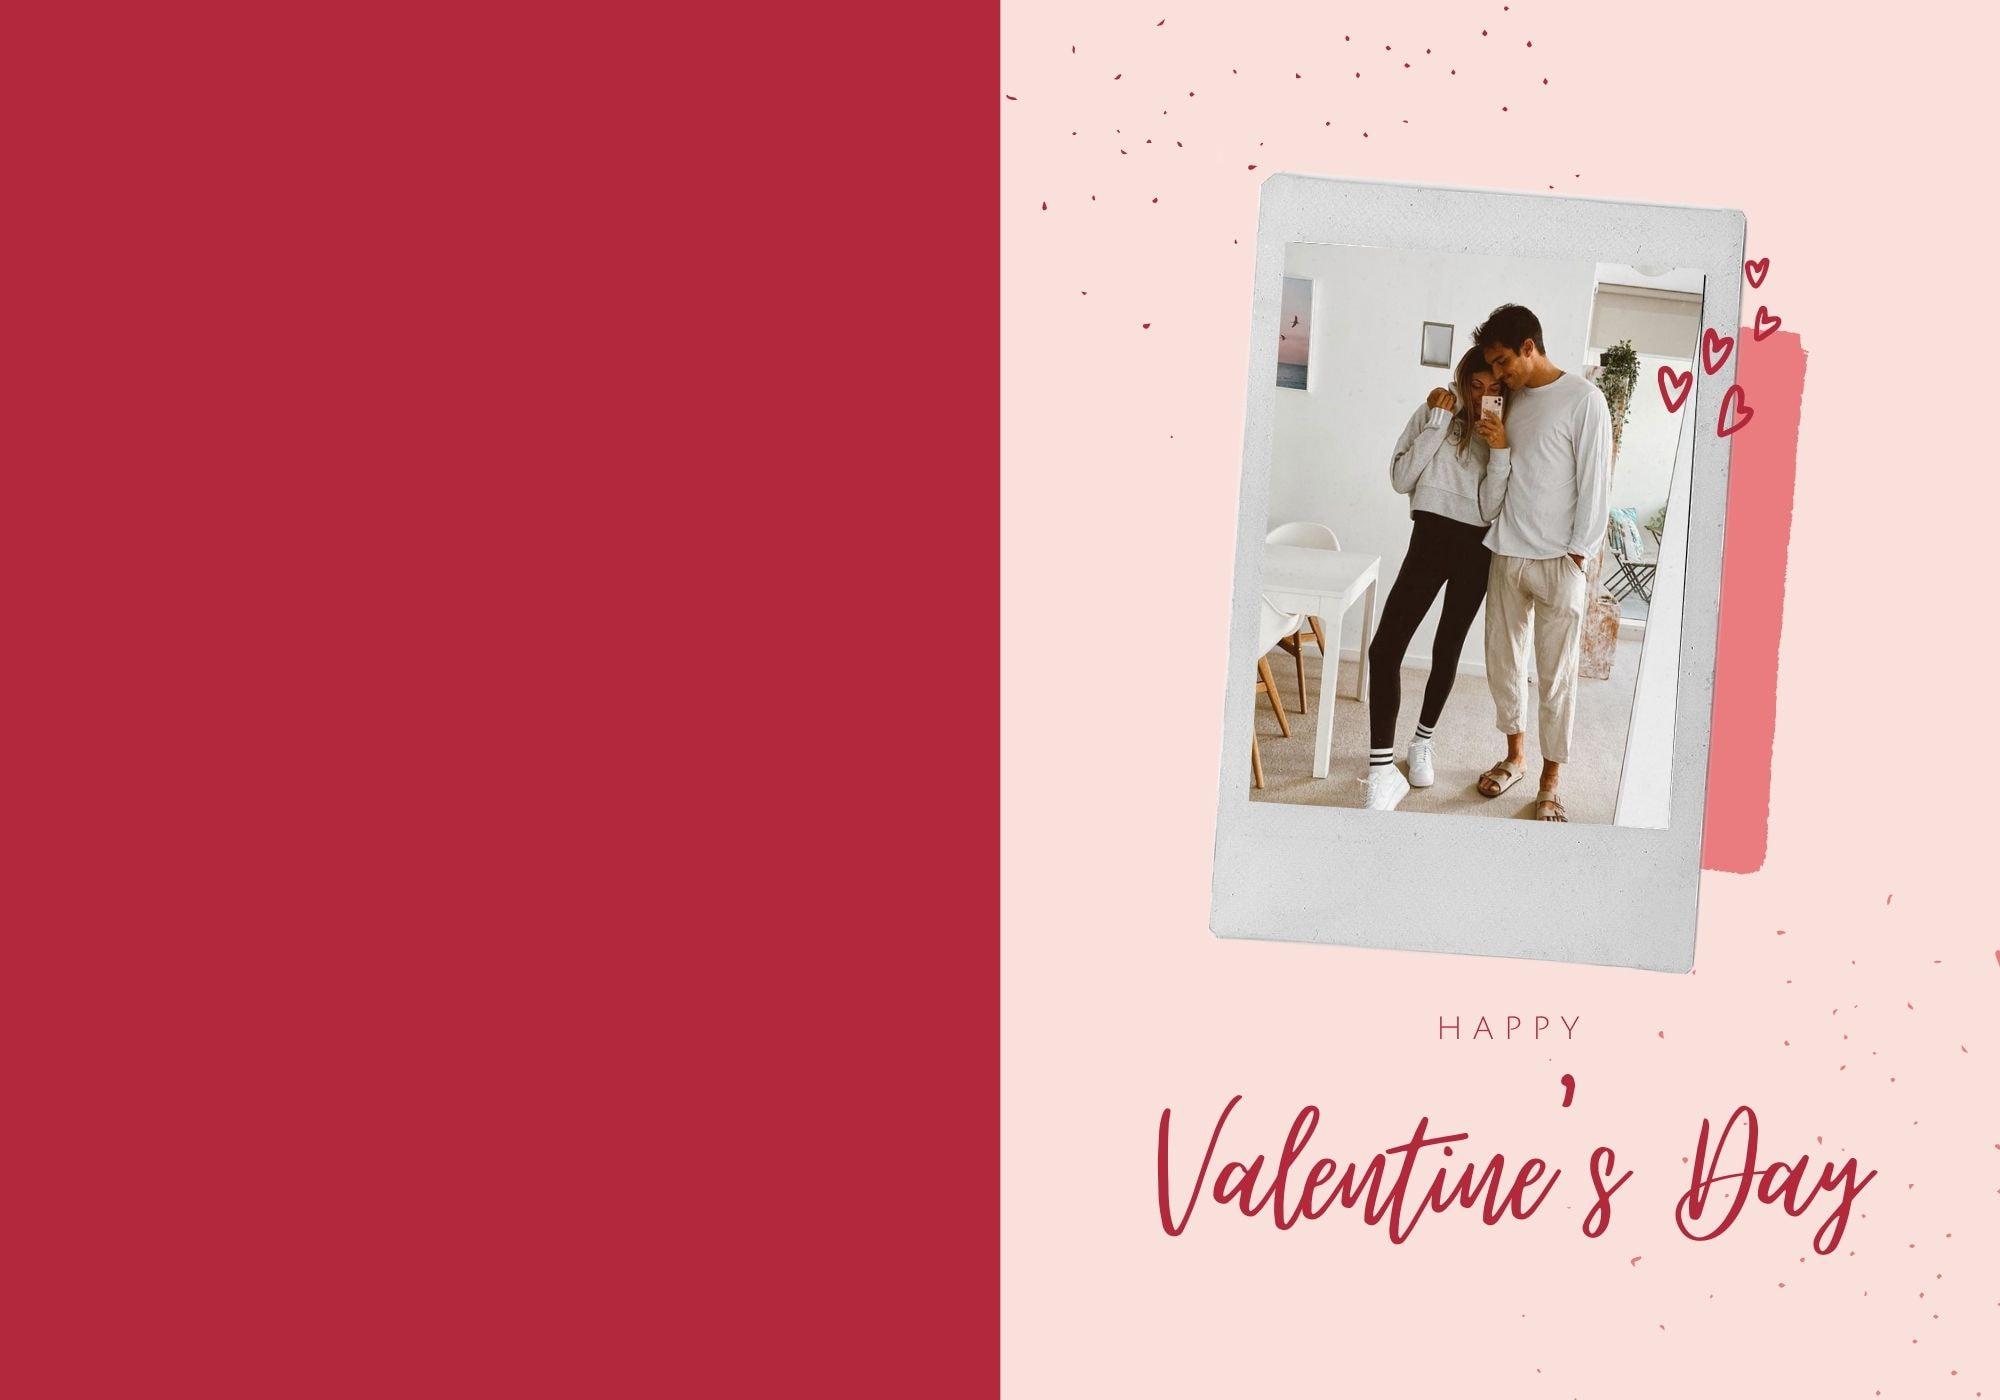 バレンタインデーのカード